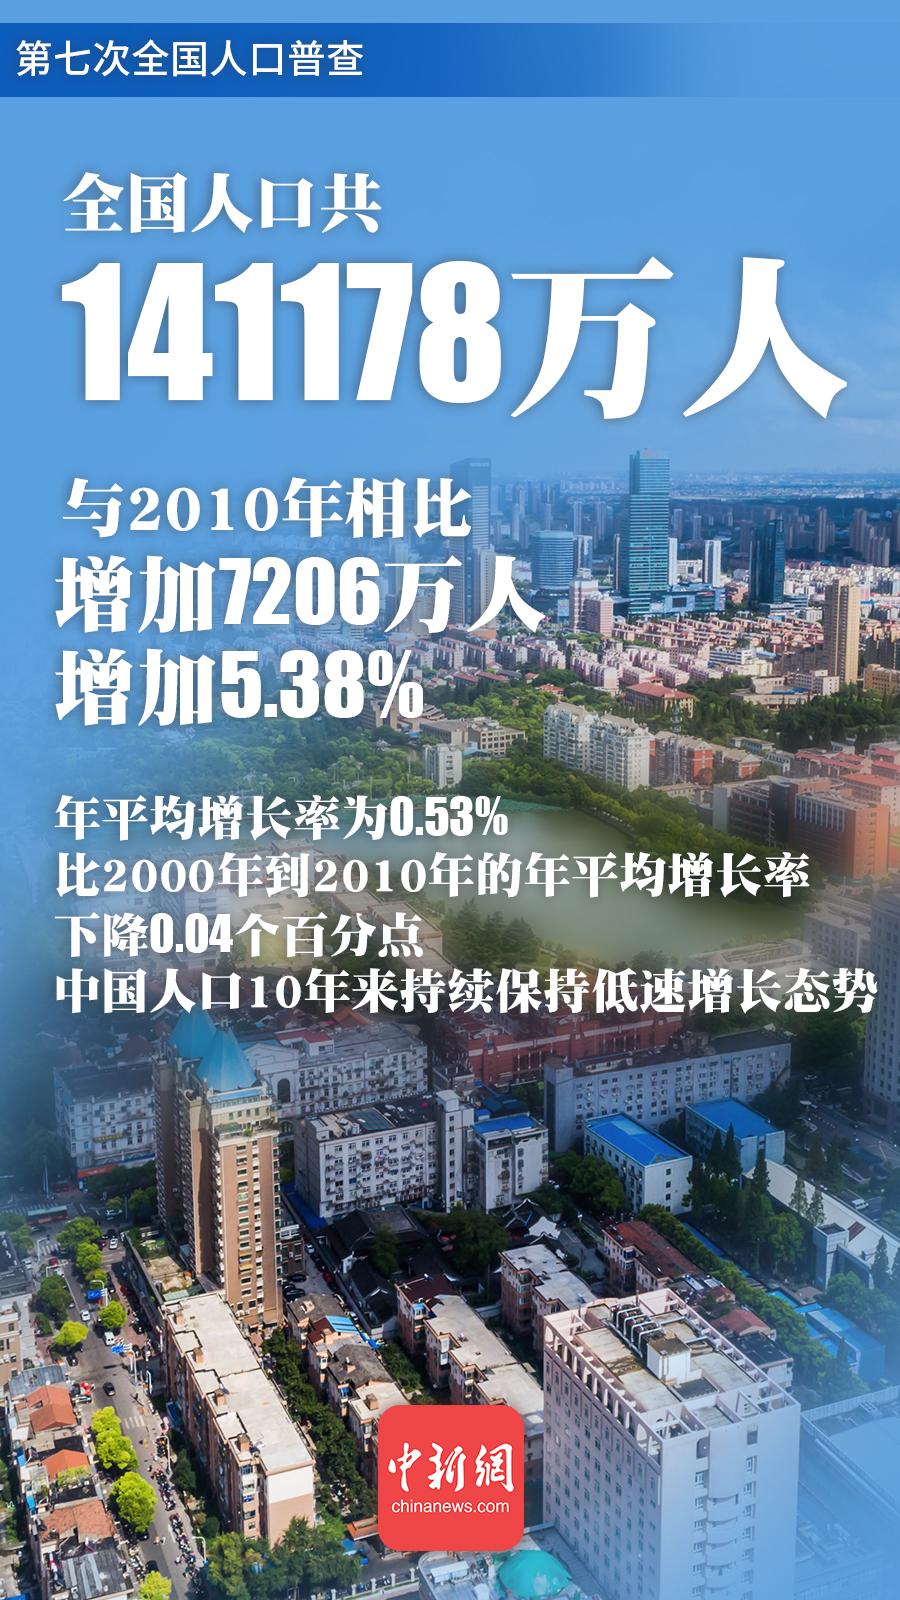 中国总人口超14.1亿 10年来继续保持低速增长